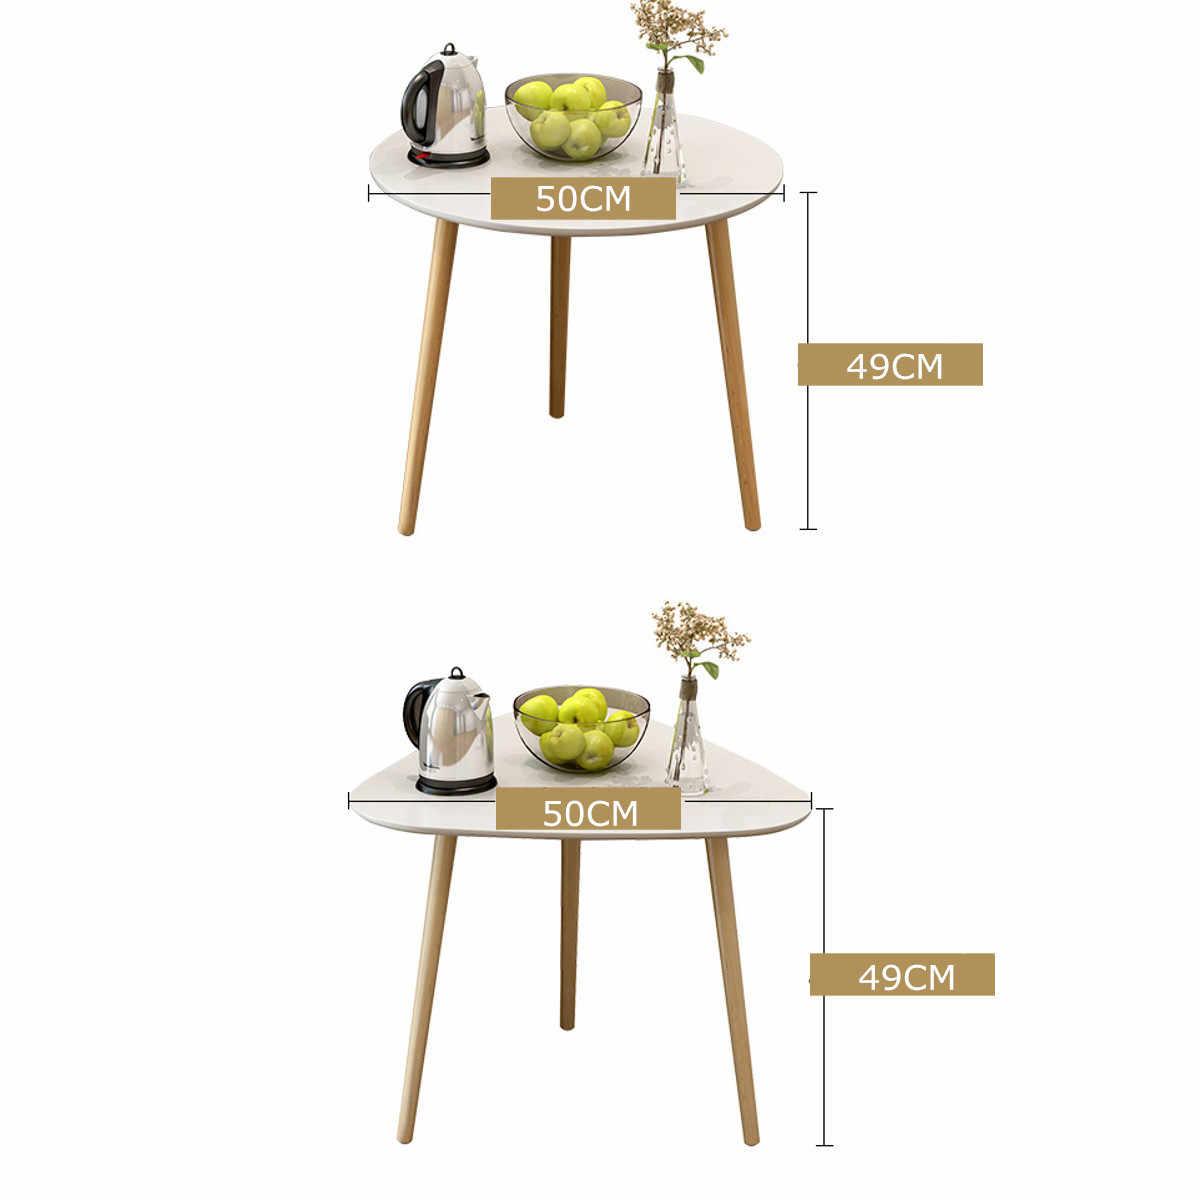 Прикроватная круглый Треугольники обеденный стол Кофейня 50X49 см с деревянными ножками, Офис мебелью ручной стержень, для кафе, для украшения мебели